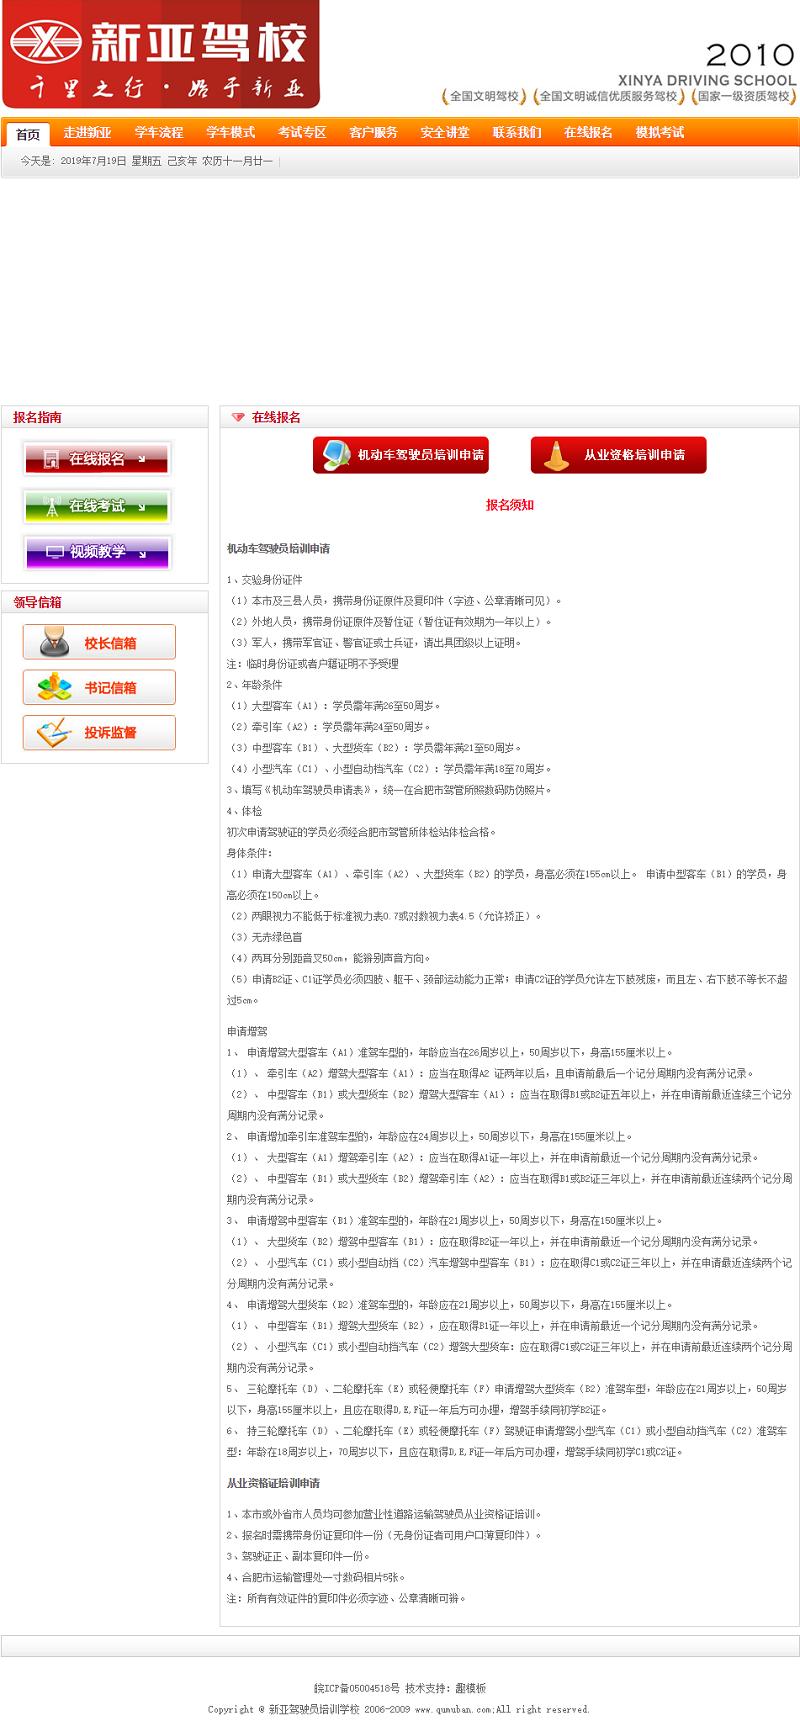 驾校网站程序源码支持在线报名在线申请模拟考试系统